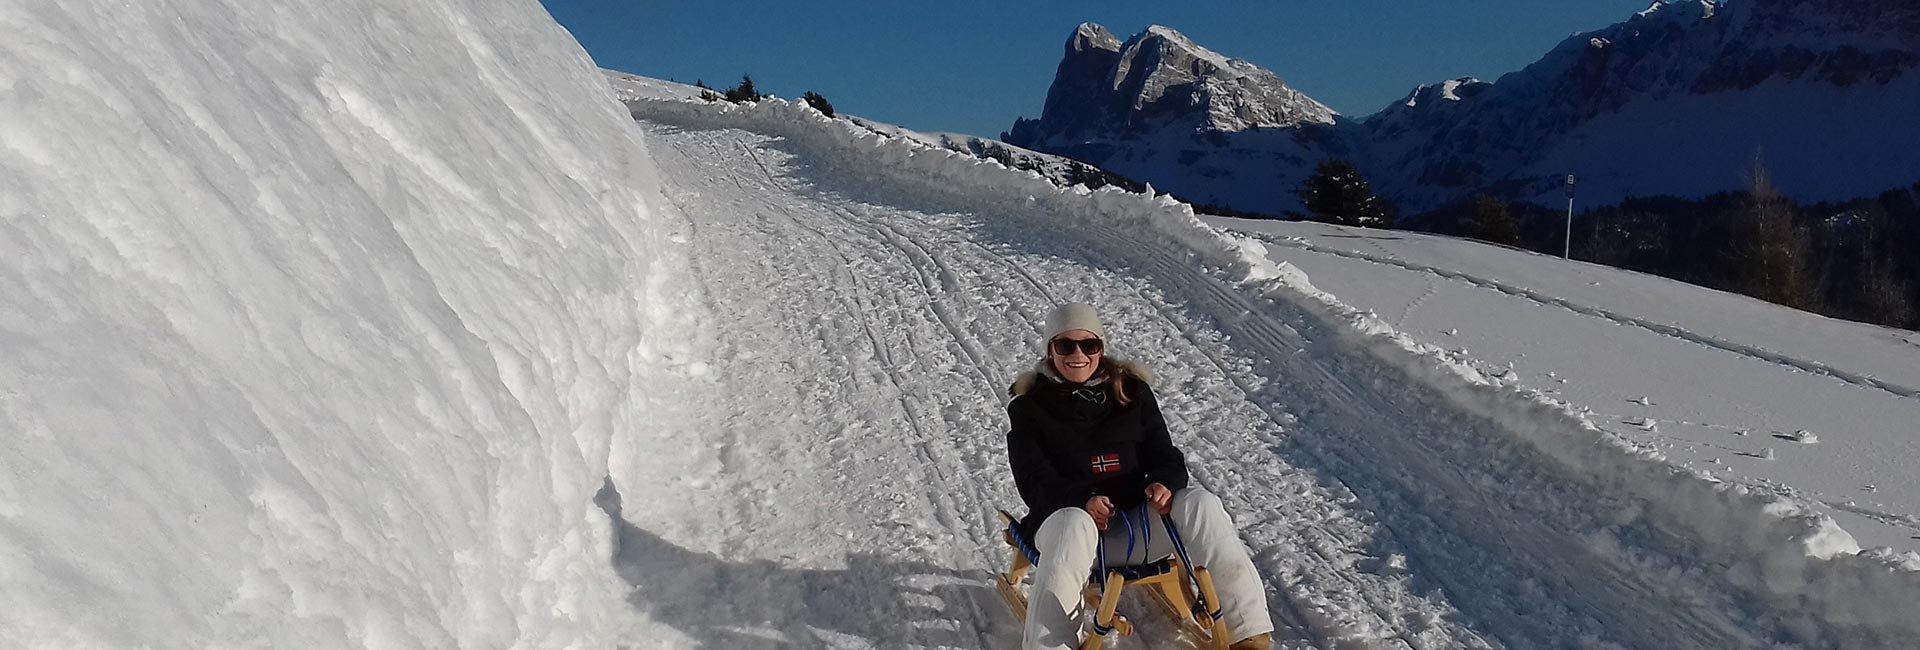 winterurlaub-in-suedtirol-3